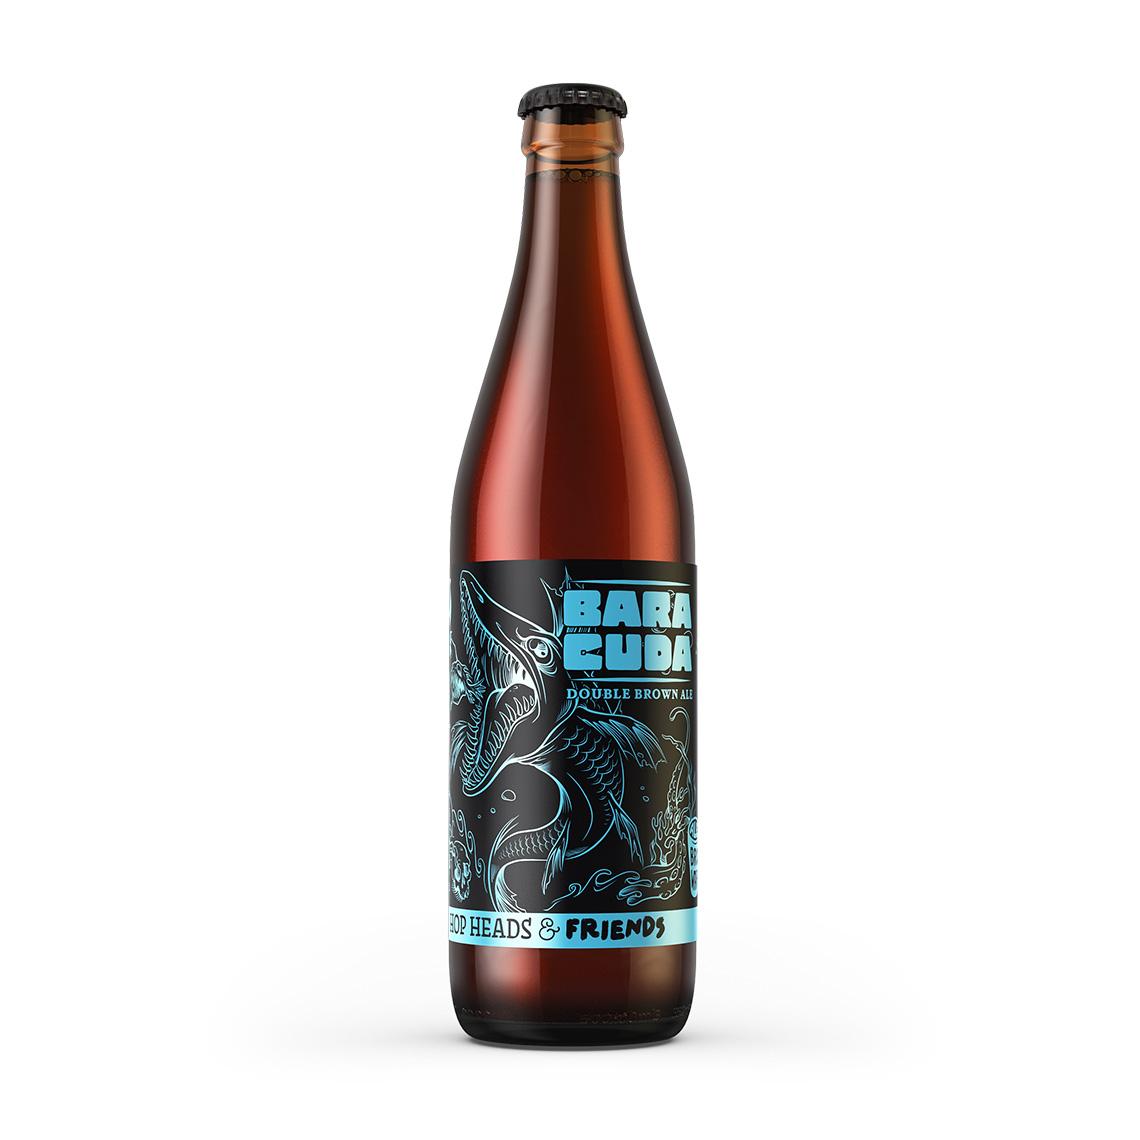 BIRBANT Bara Cuda - Double Brown Ale